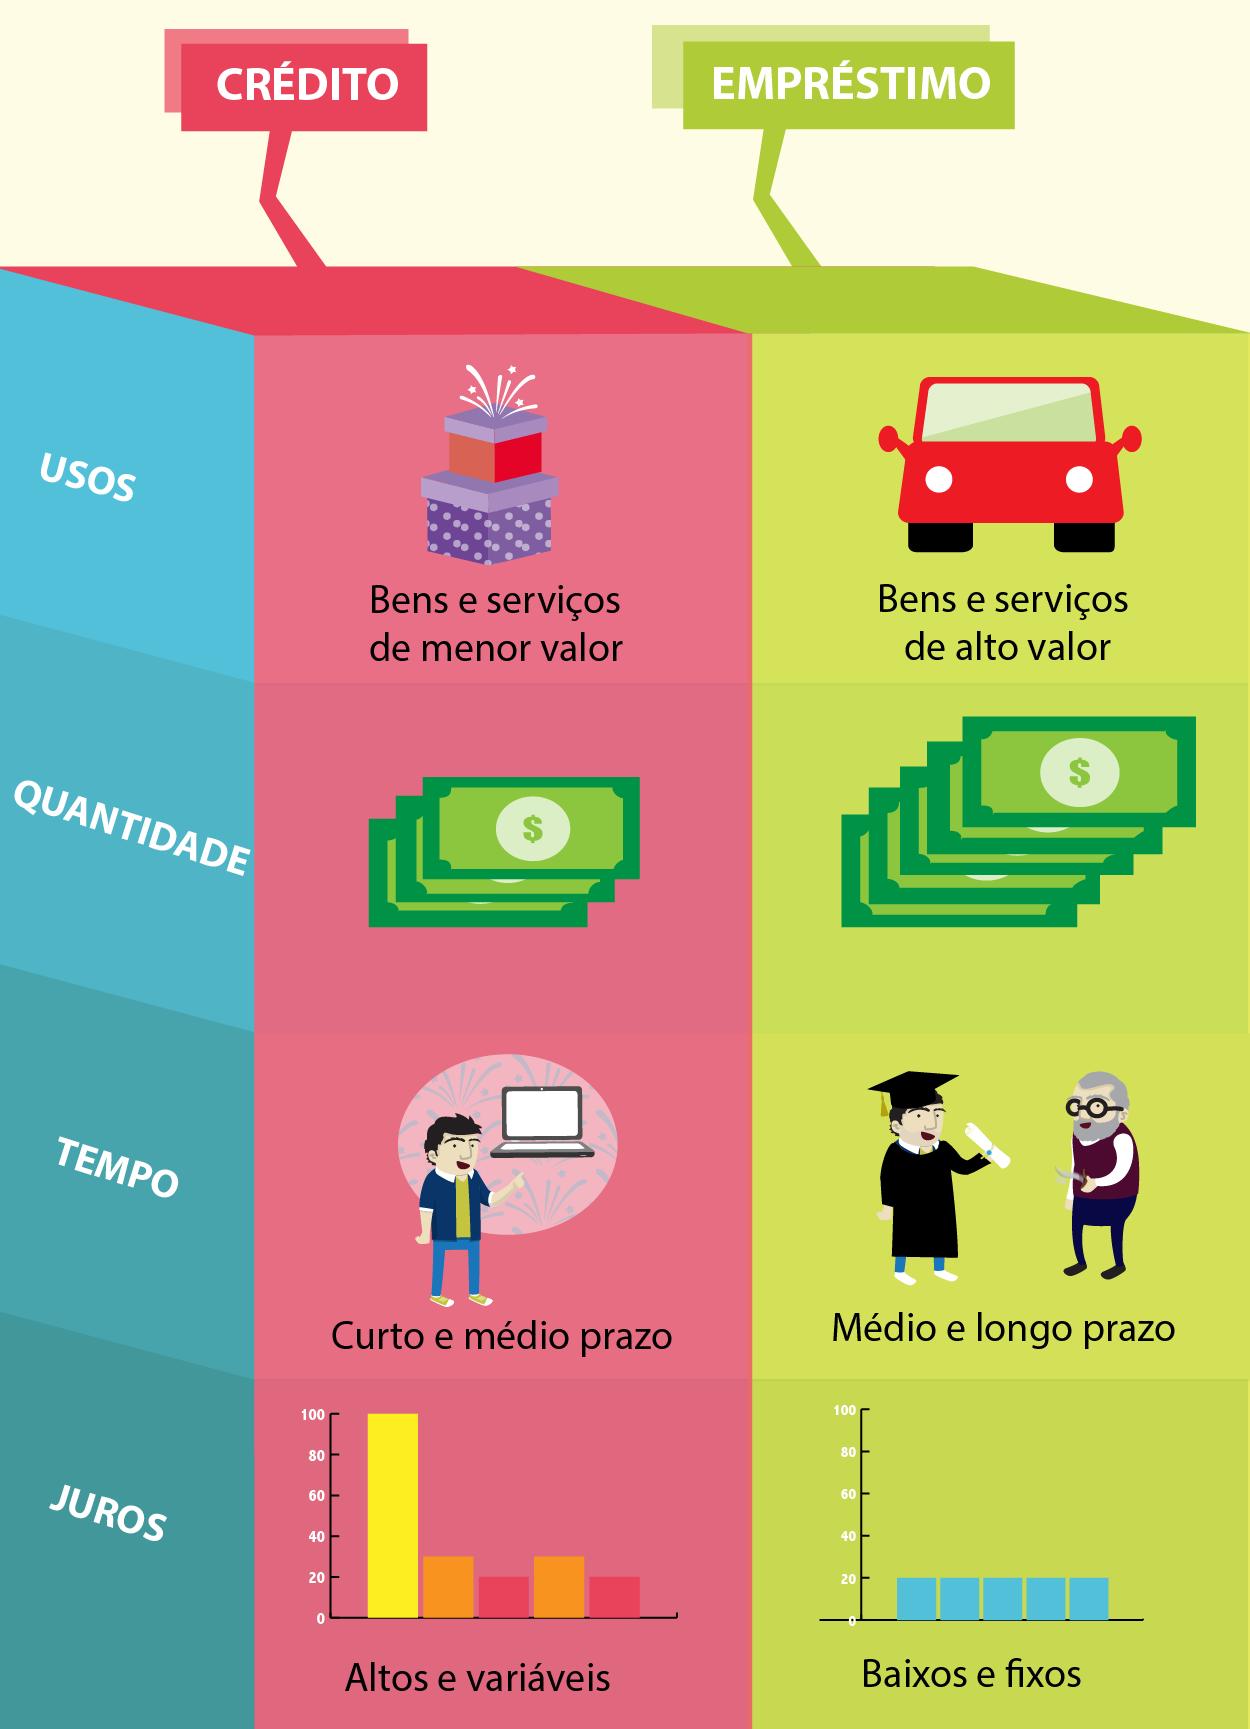 Diferenças entre empréstimos e créditos